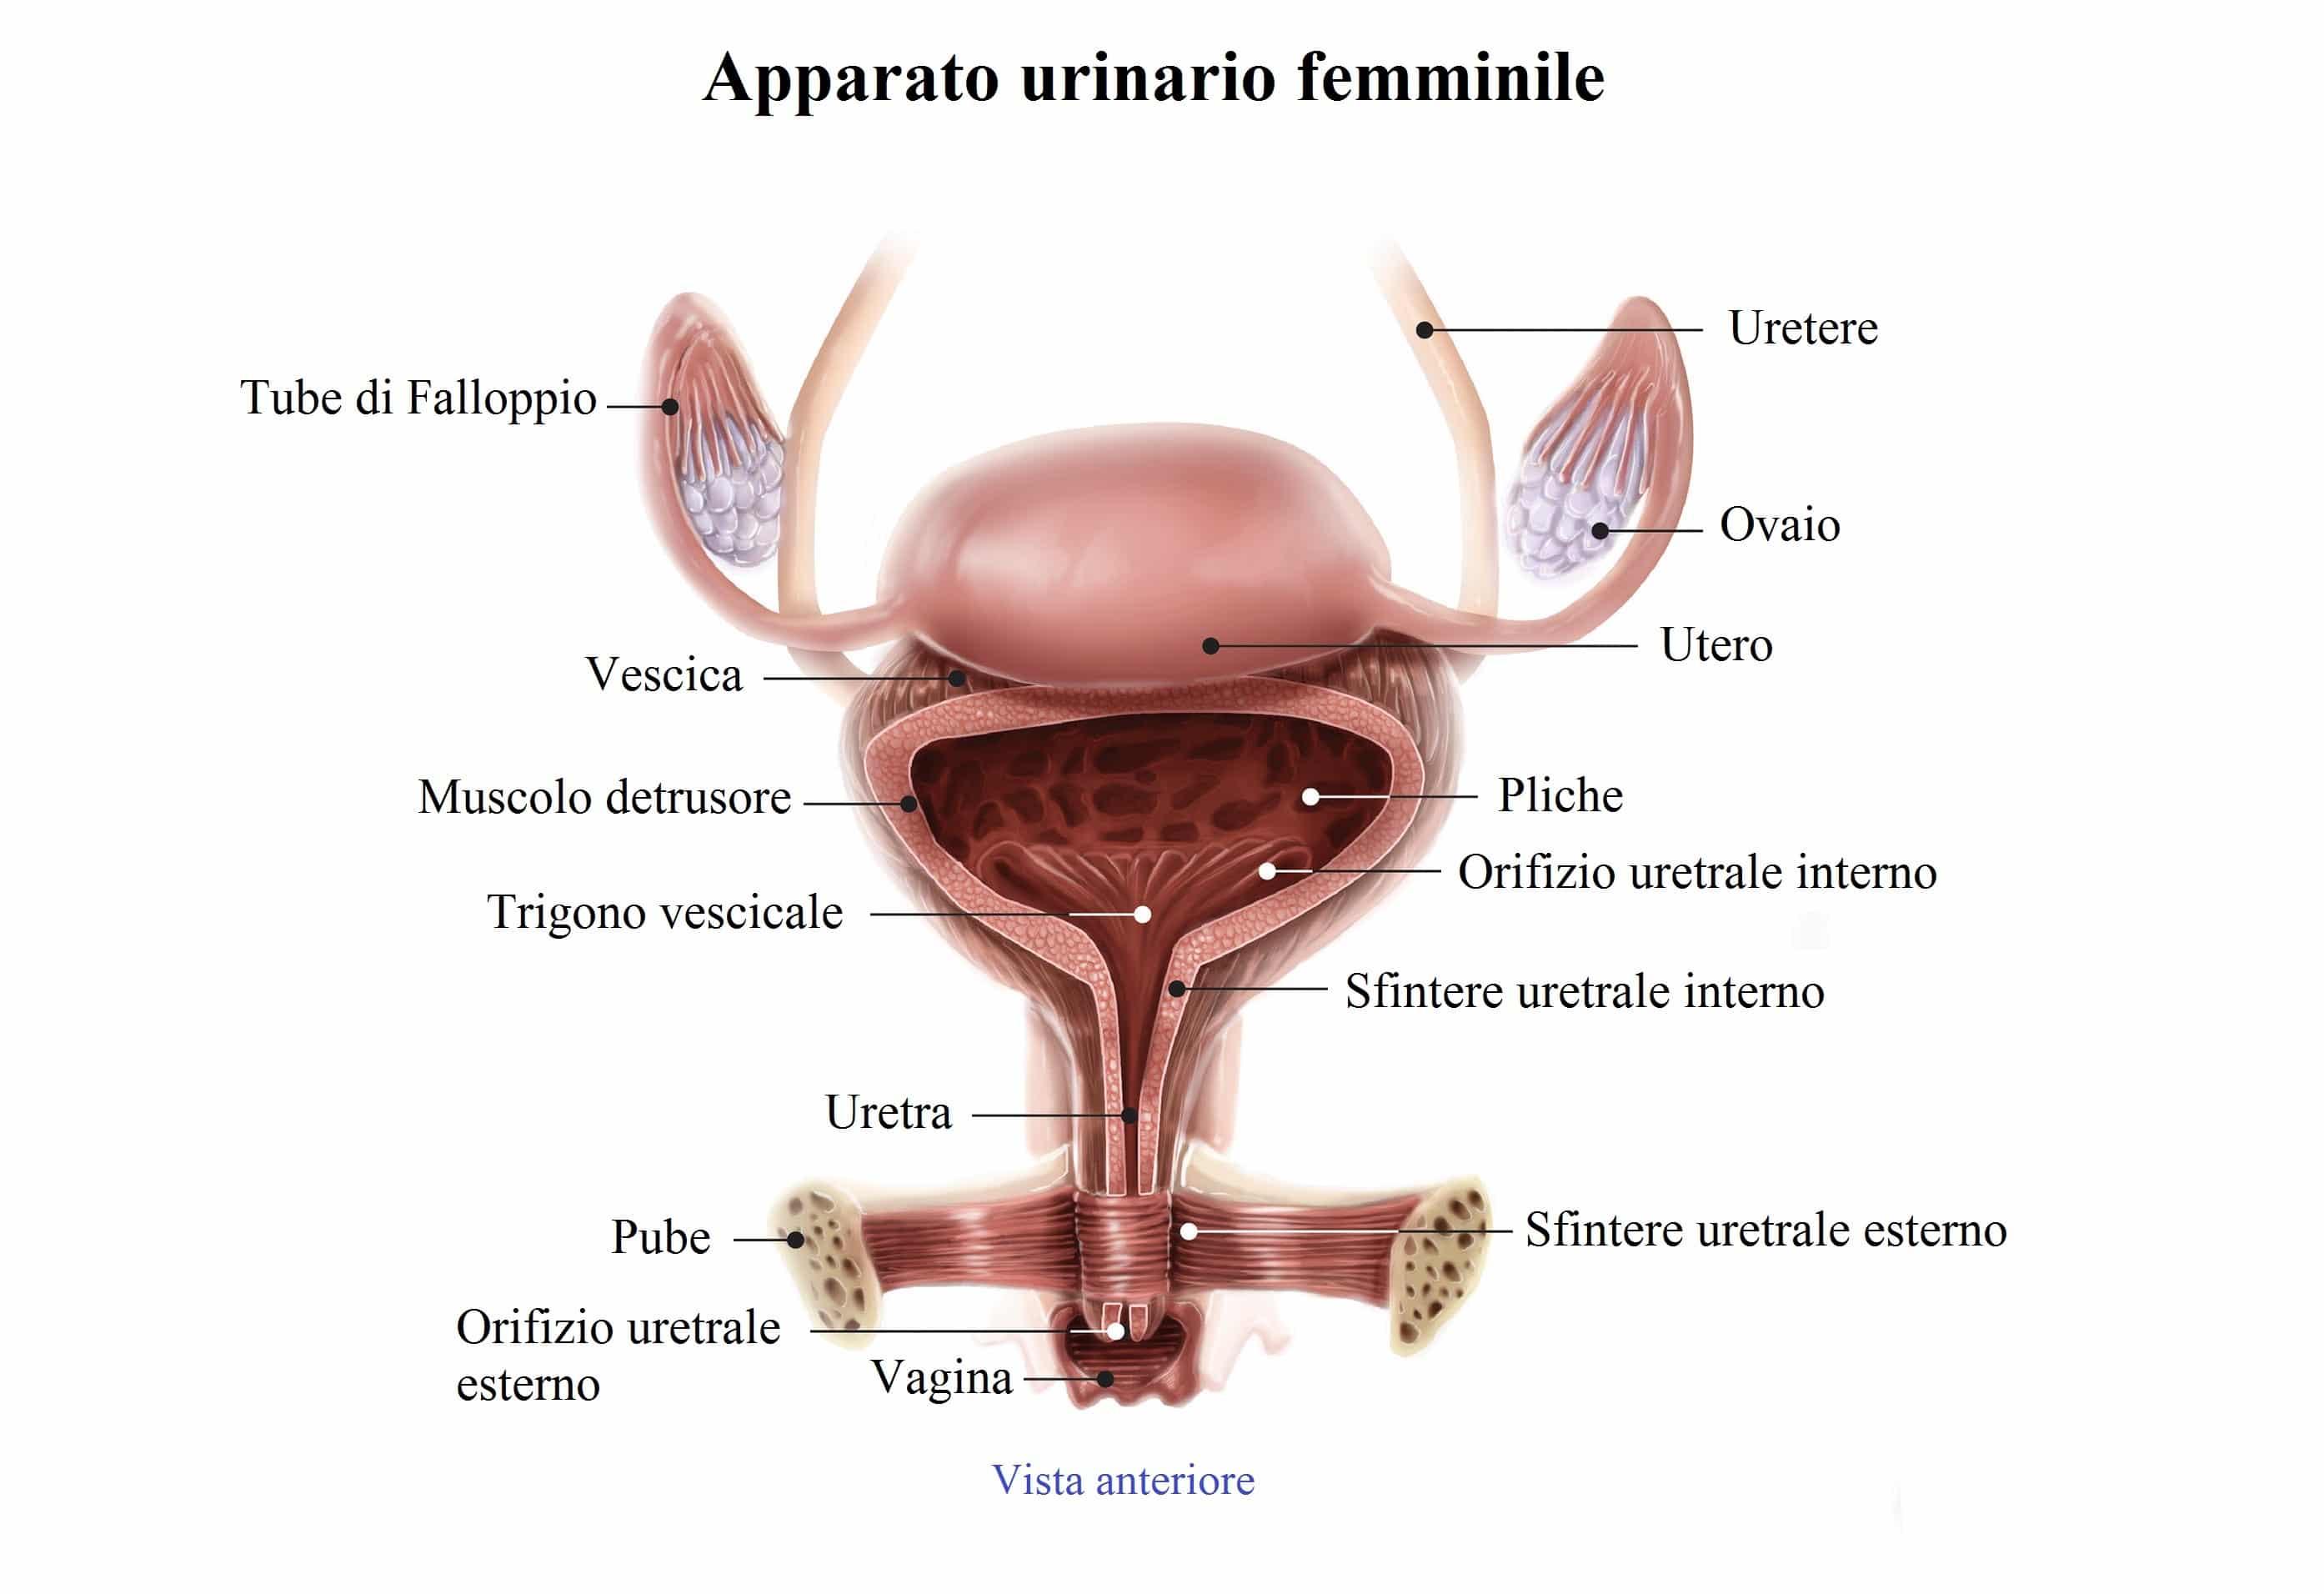 Fotografia apparato genitale femminile 85